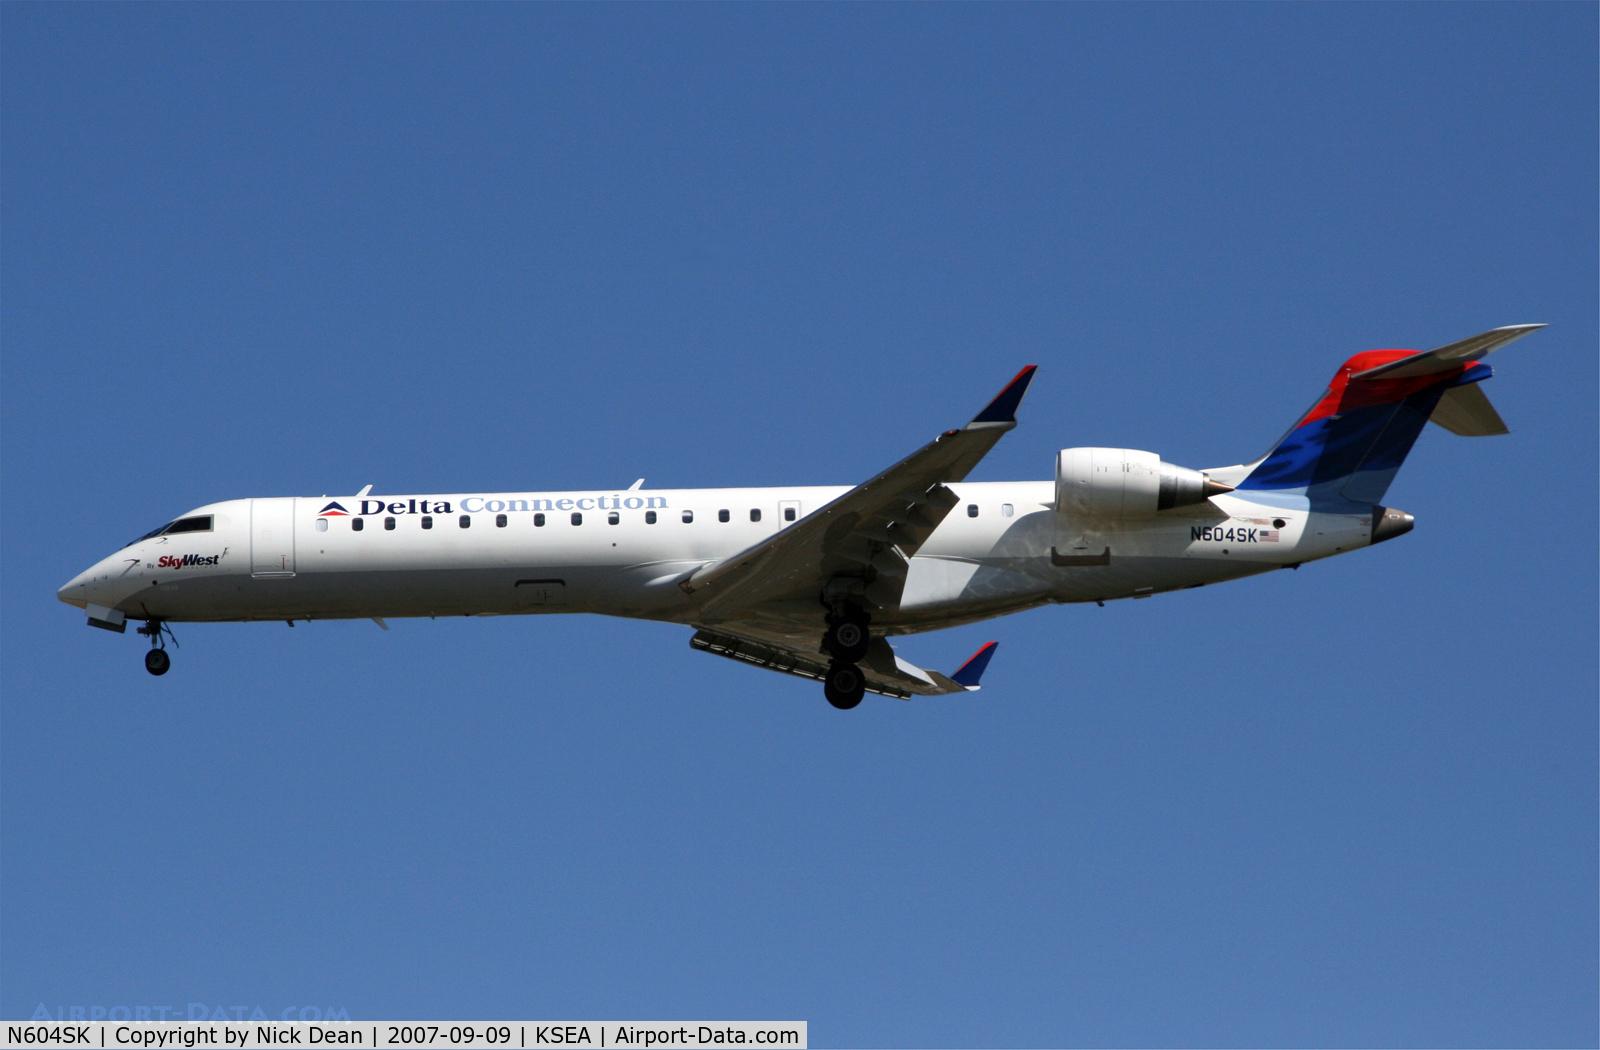 N604SK, 2006 Bombardier CRJ-702 (CL-600-2C10) Regional Jet C/N 10249, /